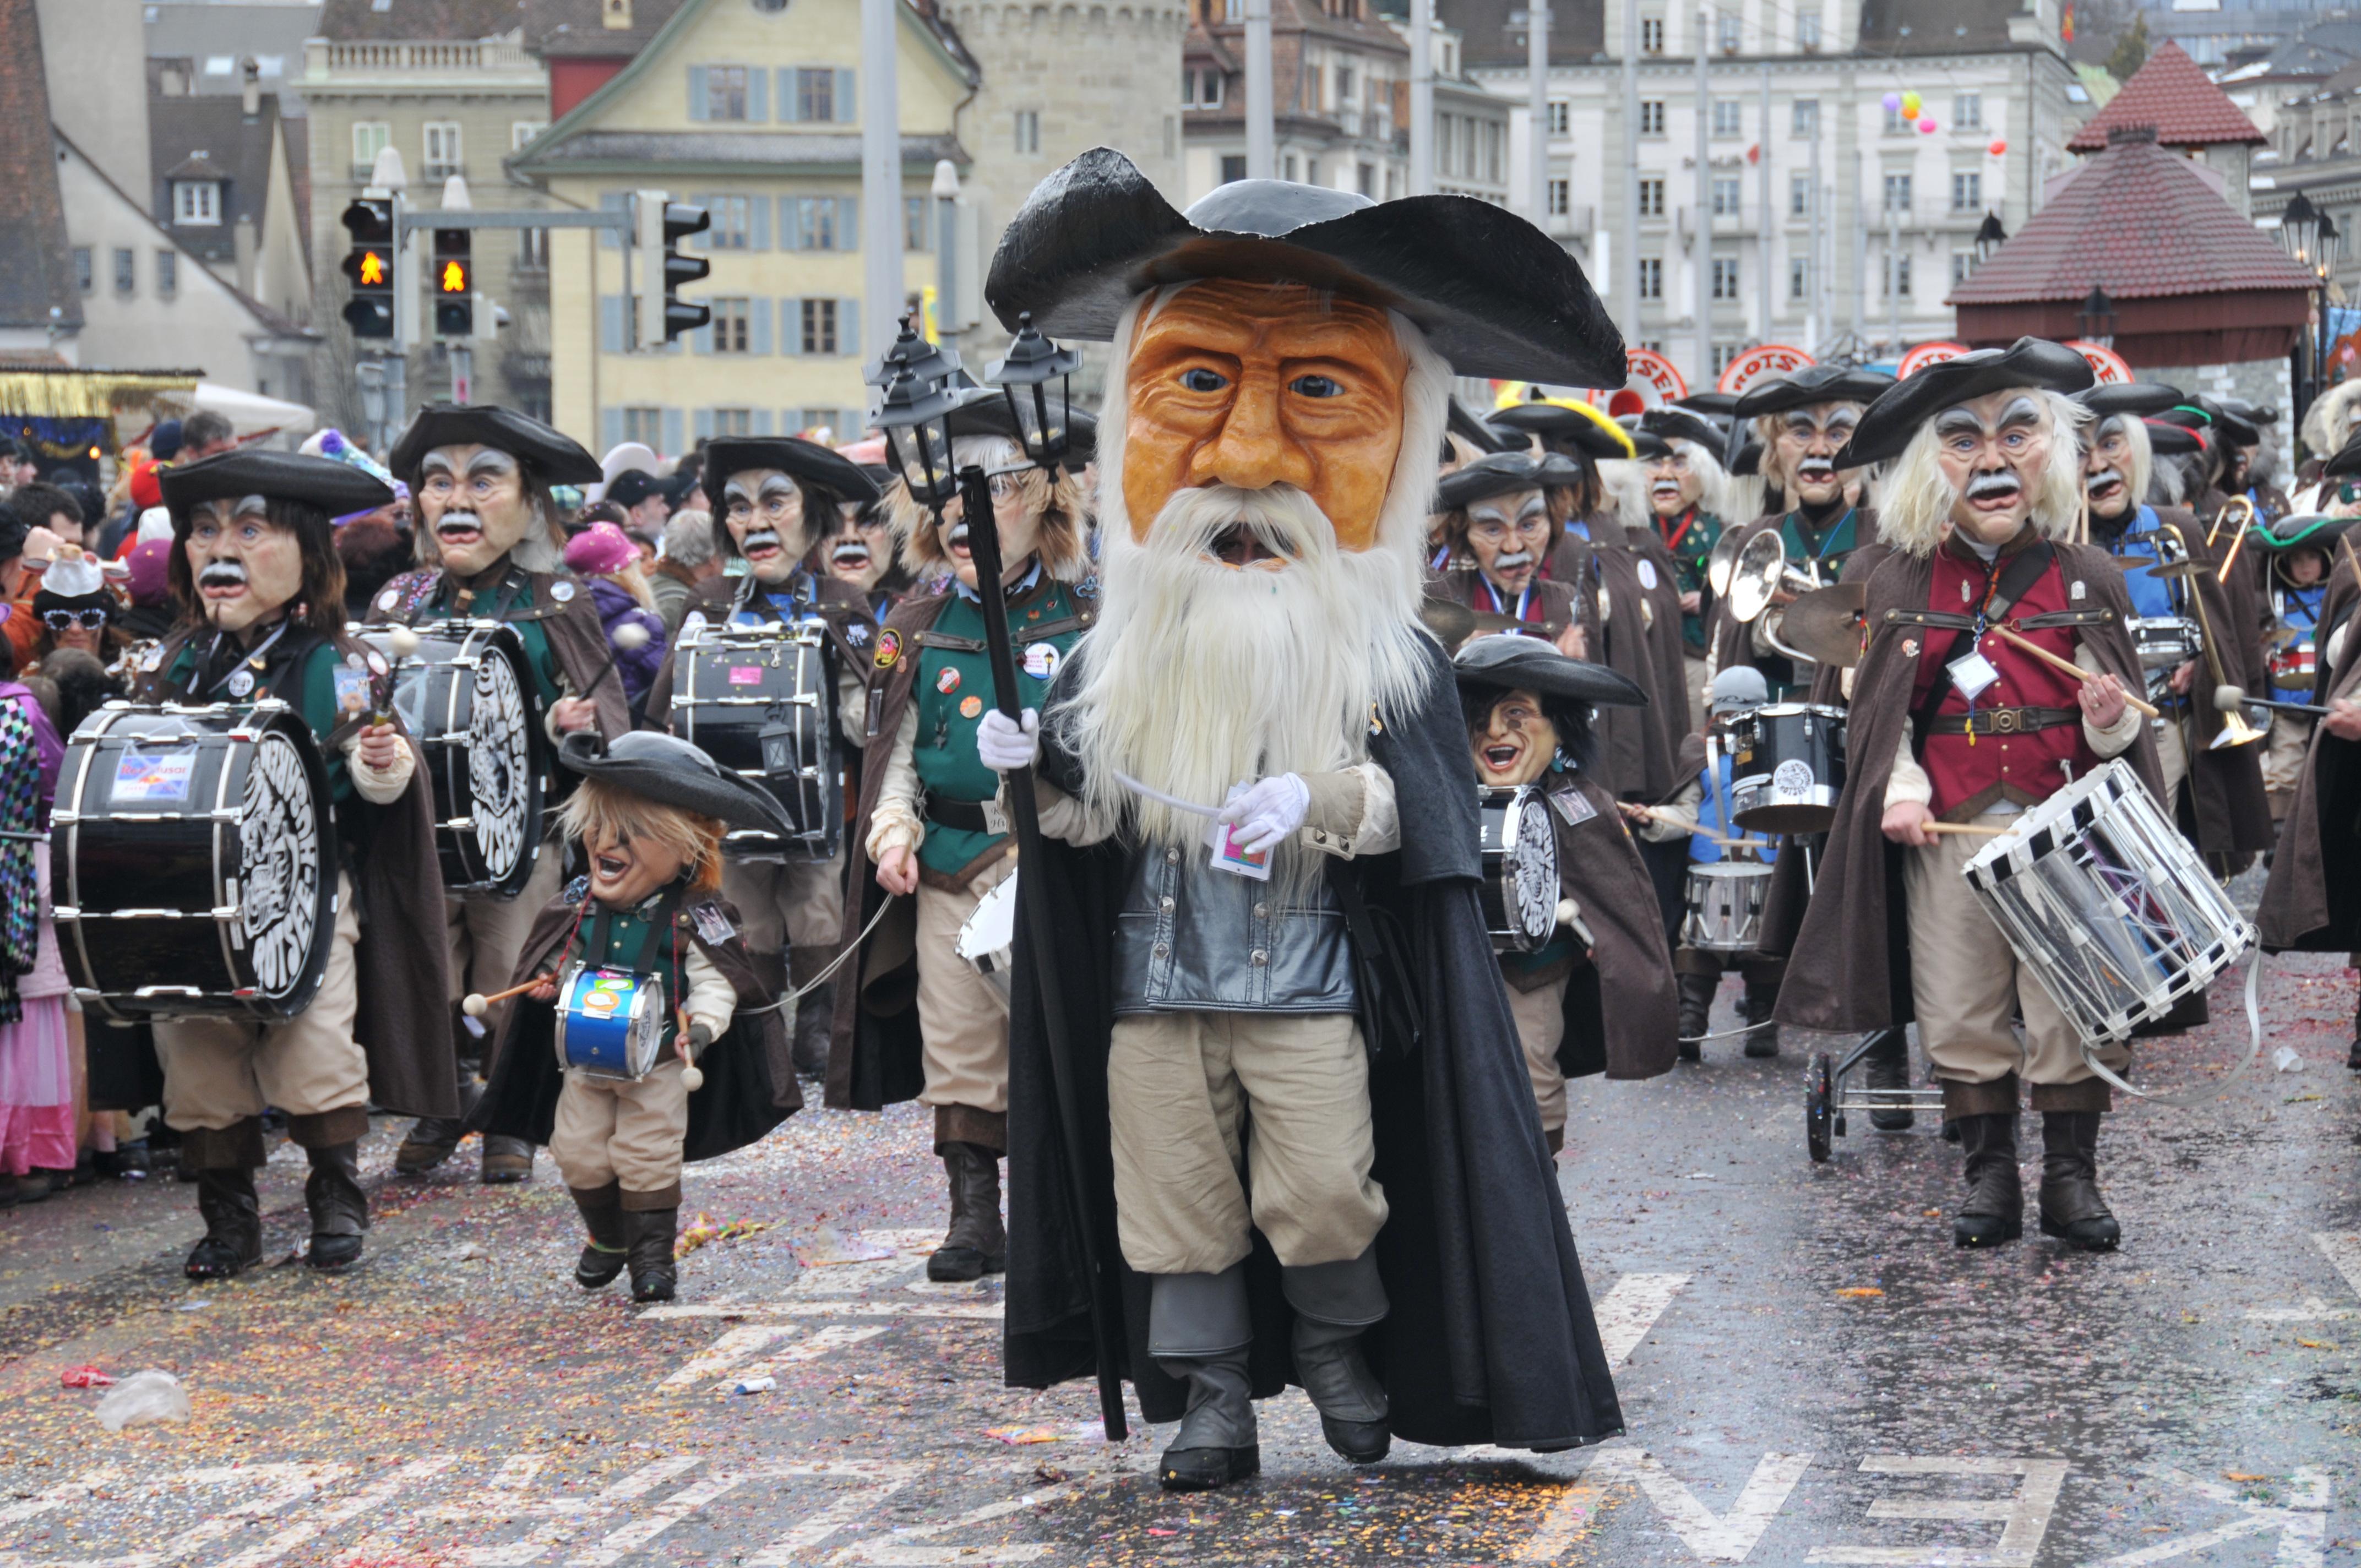 Luzern Festivaller